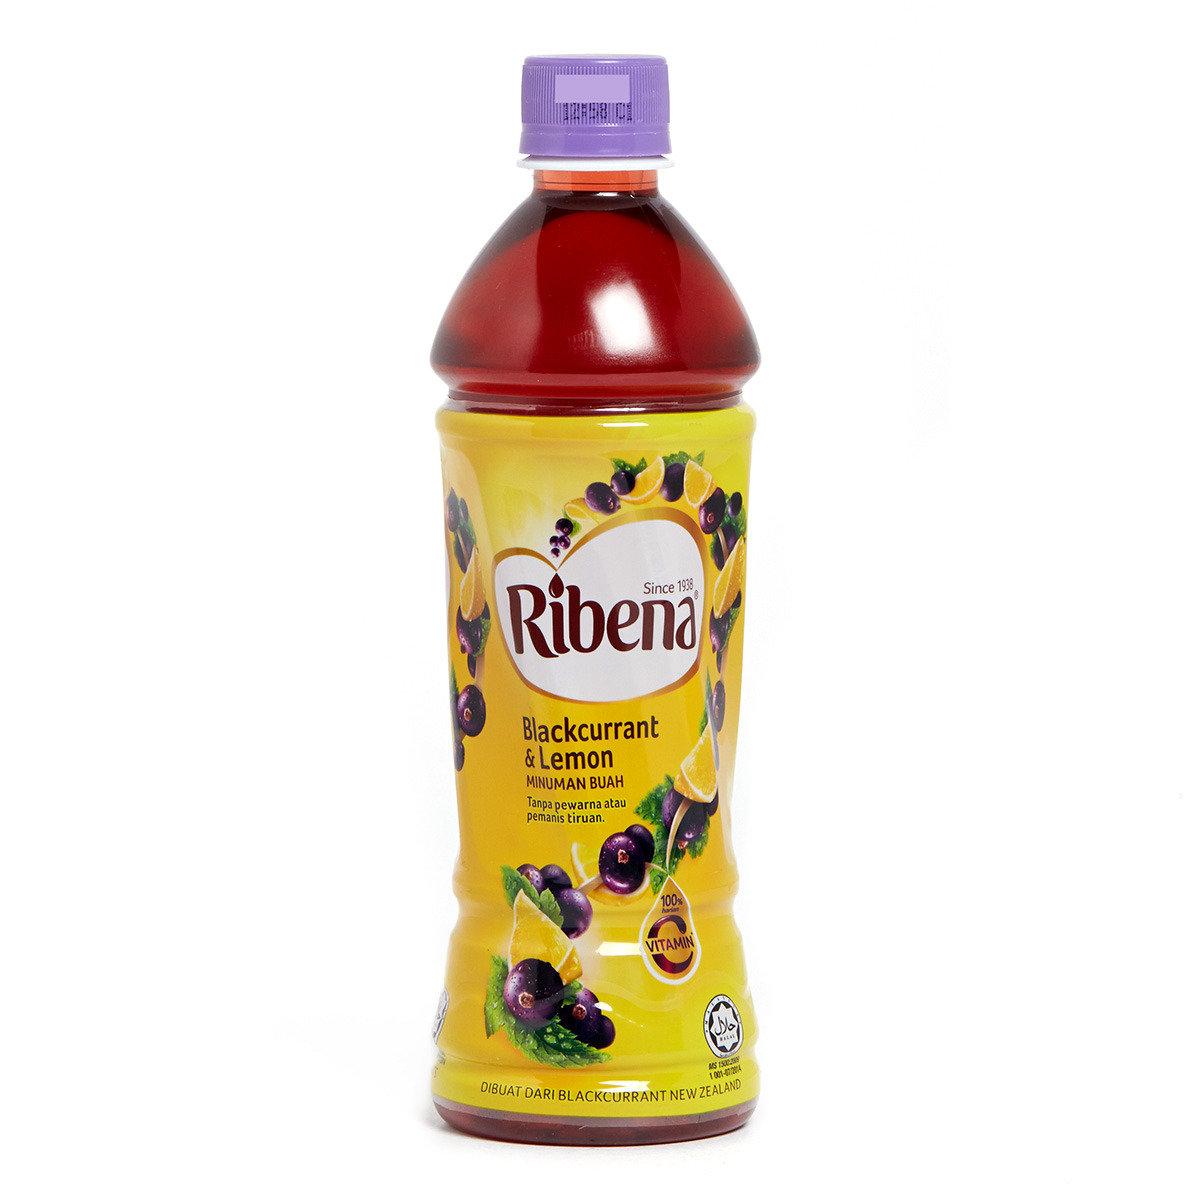 黑加侖子檸檬味飲品